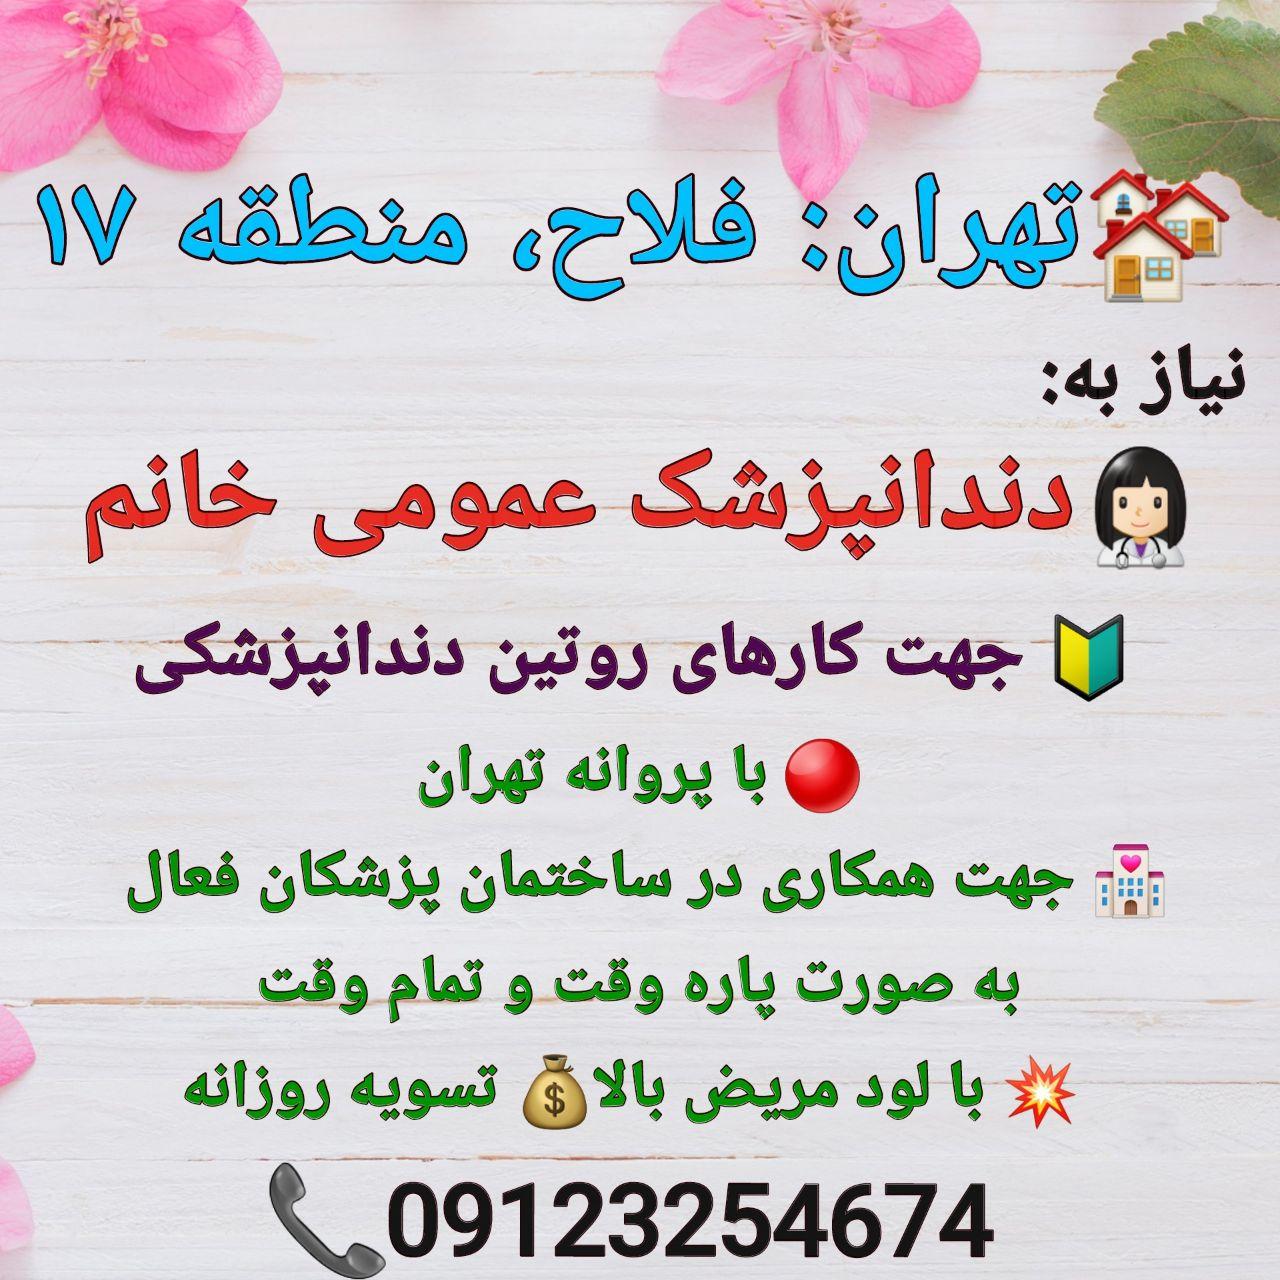 تهران: فلاح، منطقه ۱۷، نیاز به دندانپزشک عمومی خانم